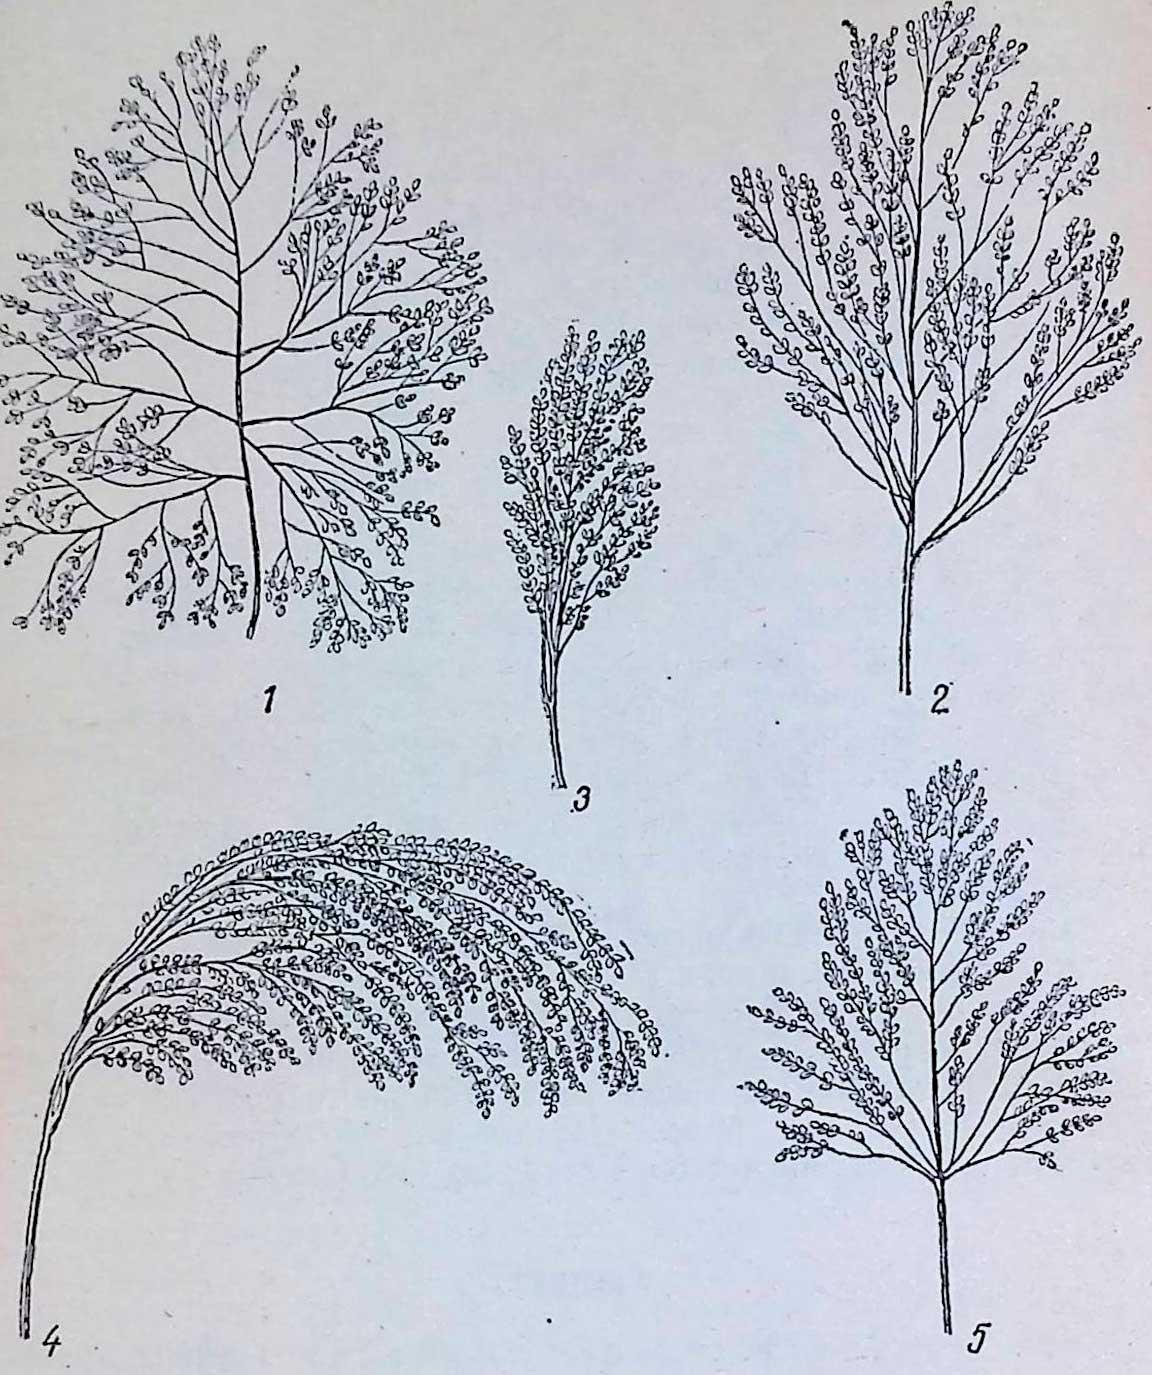 Метелки различных групп обыкновенного проса: 1 — раскидистого; 2 — развесистого; 3 — комового; -1 — пониклого; 5 — овального.